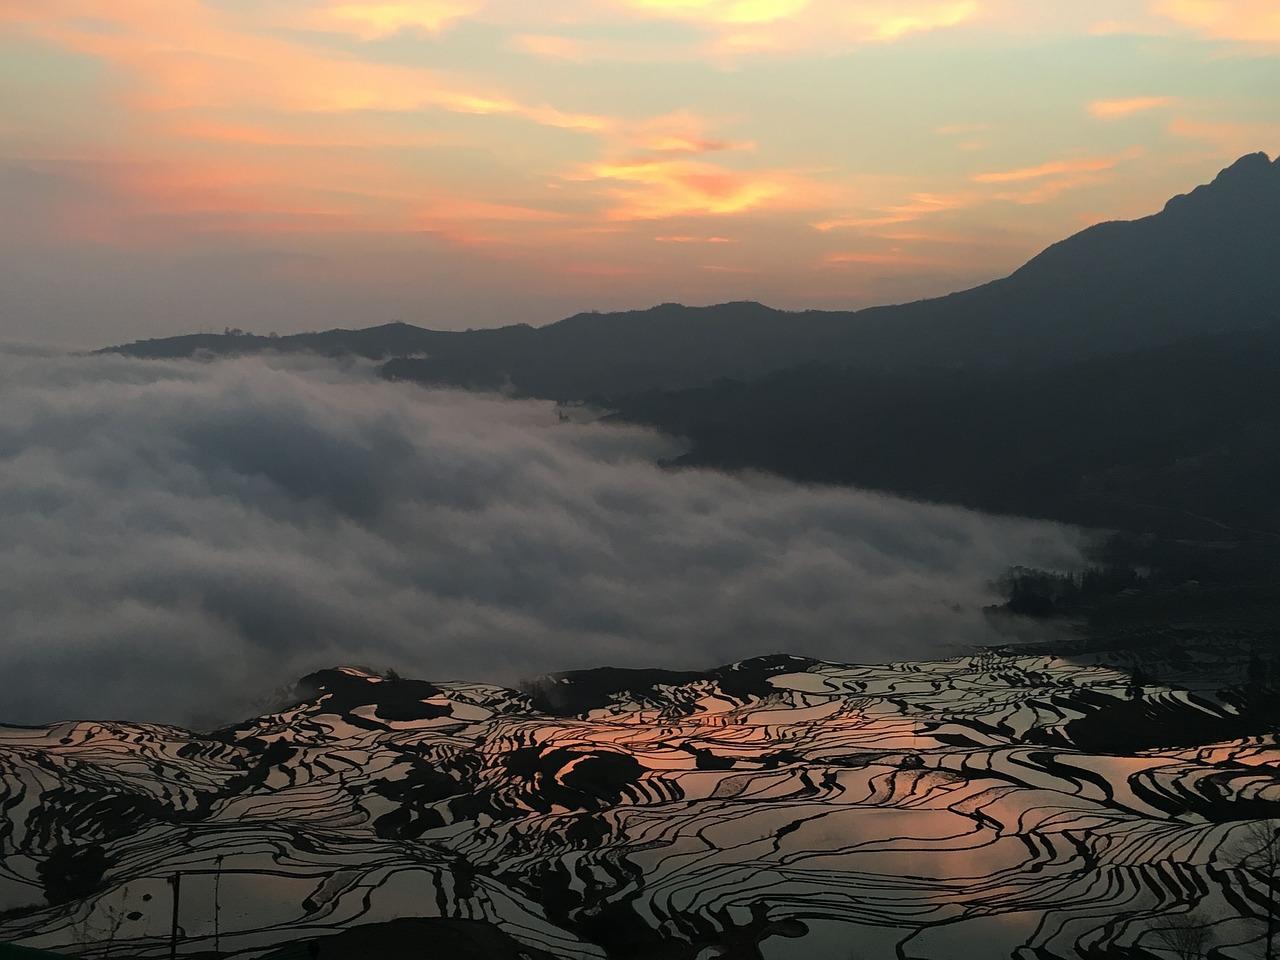 Yuanyang Rice Terraces at Sunset